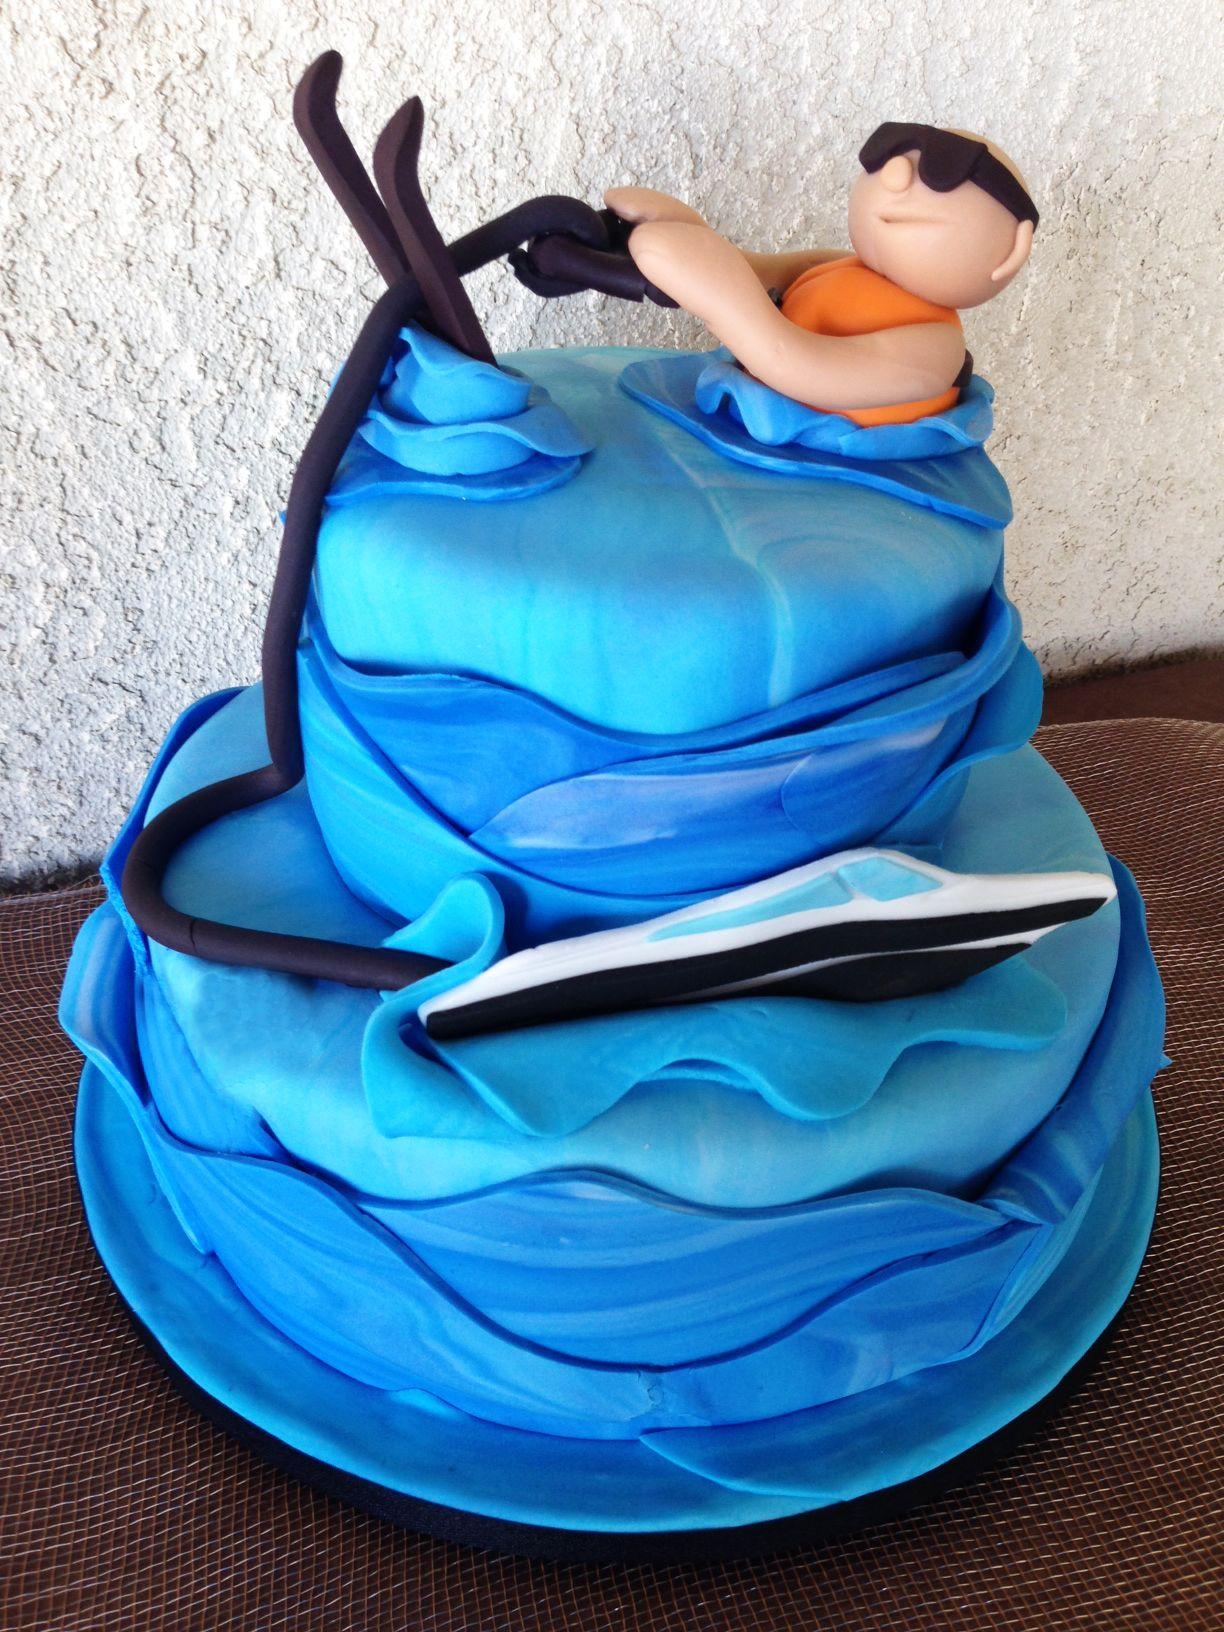 Water Ski Cake By Www Allthatfrost Com Cakes By Www